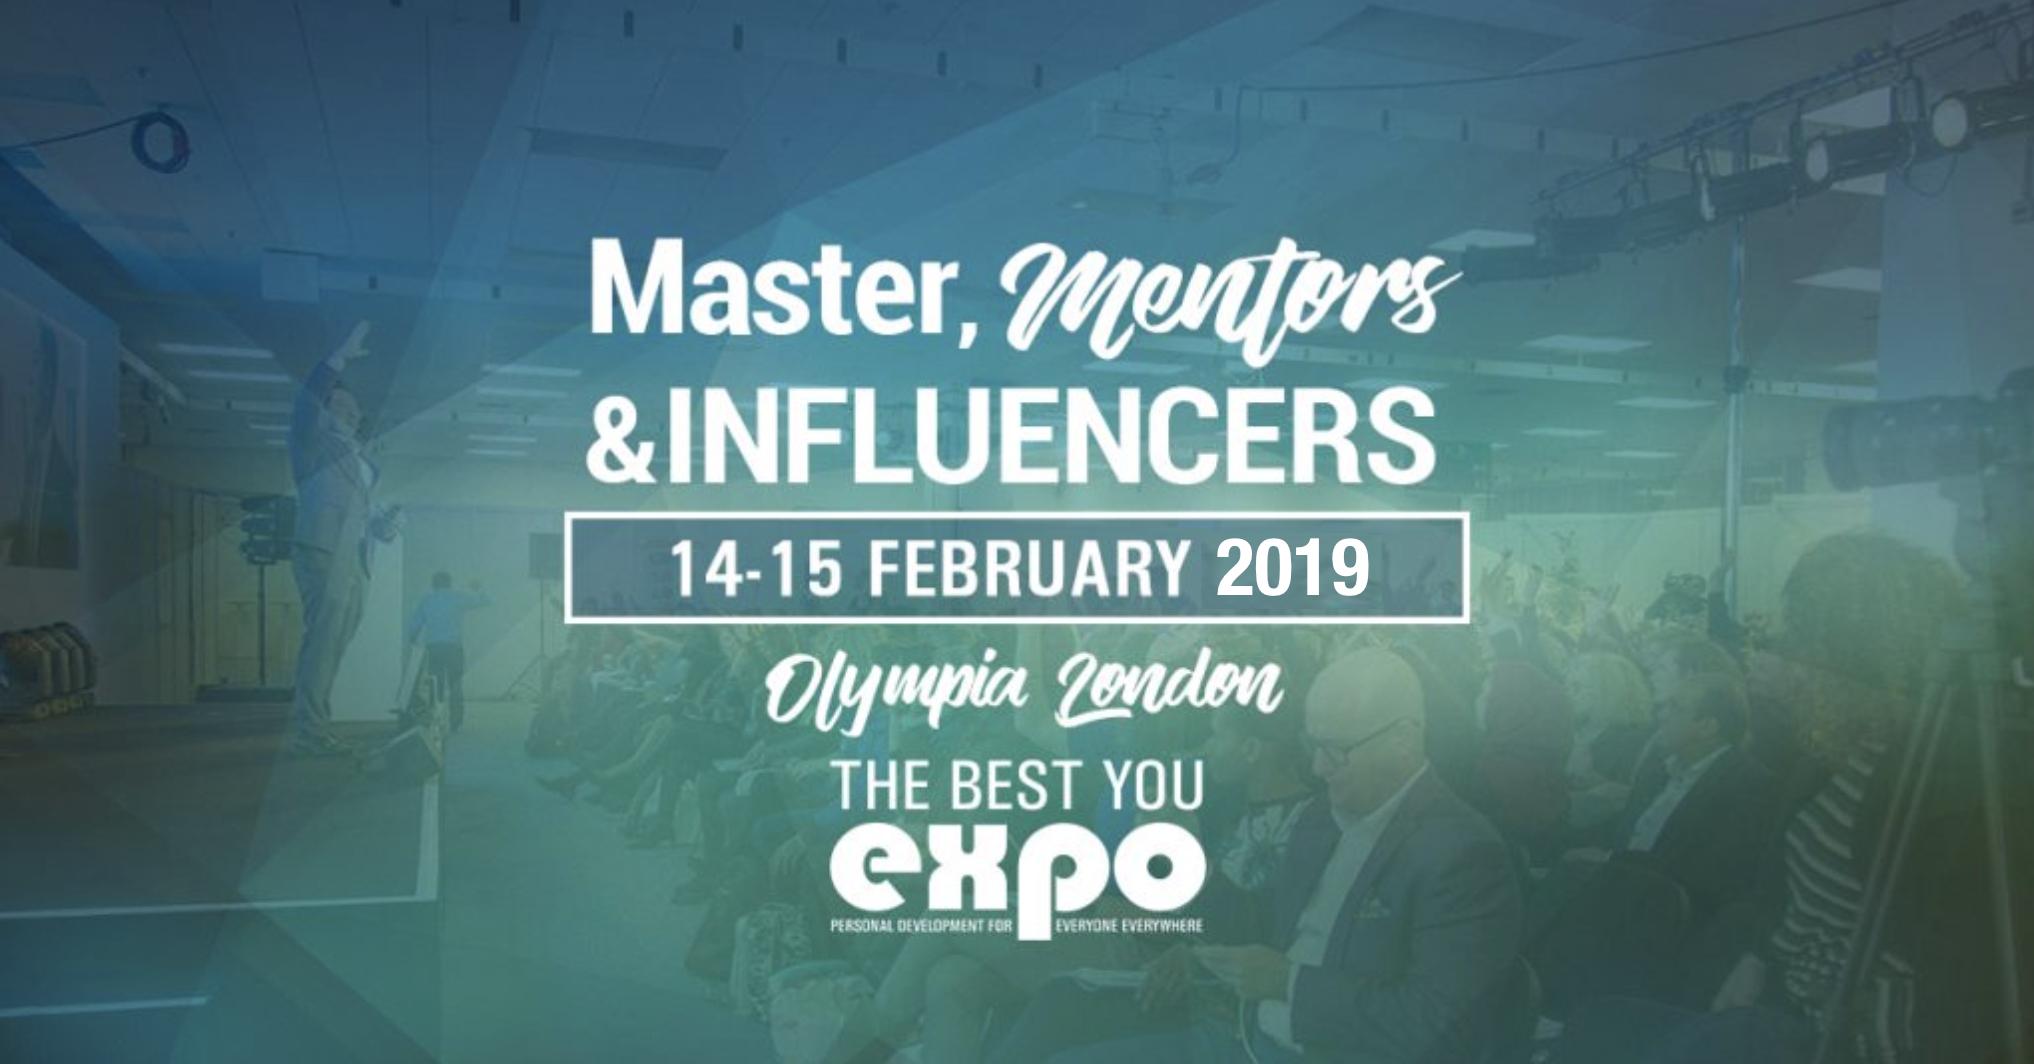 masters_mentors